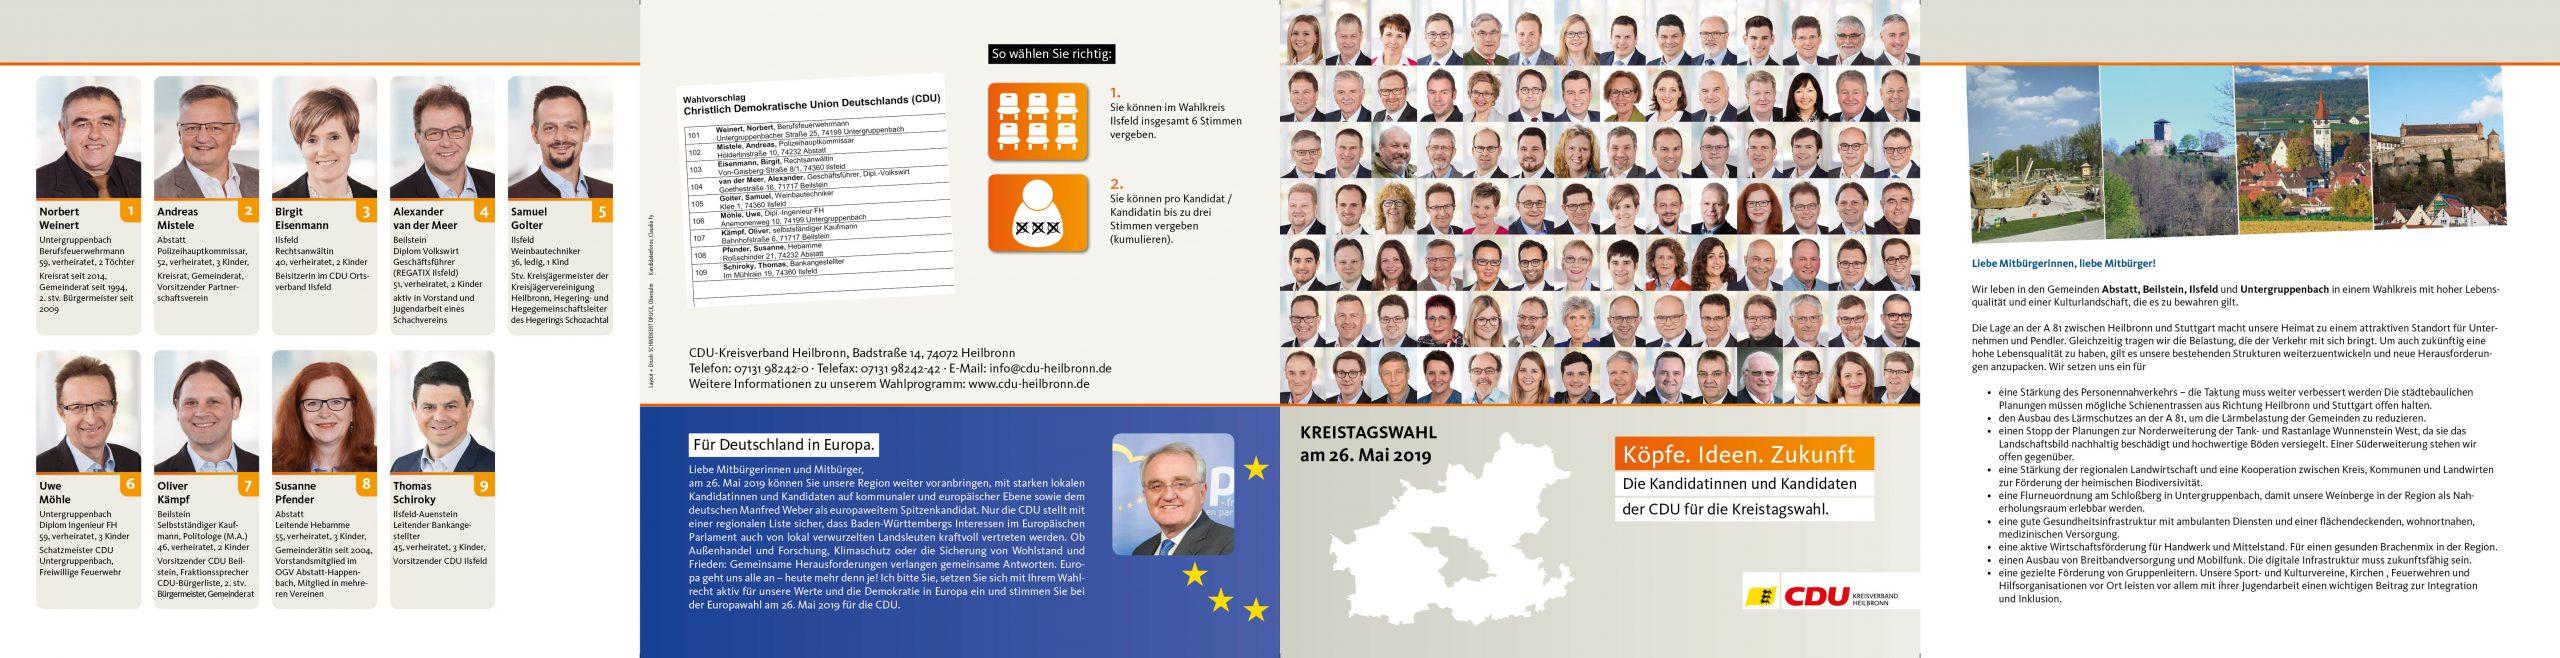 Flyer Kreistagswahl 2019 des Landkreis Heilbronn auf www.cdu-abstatt.de